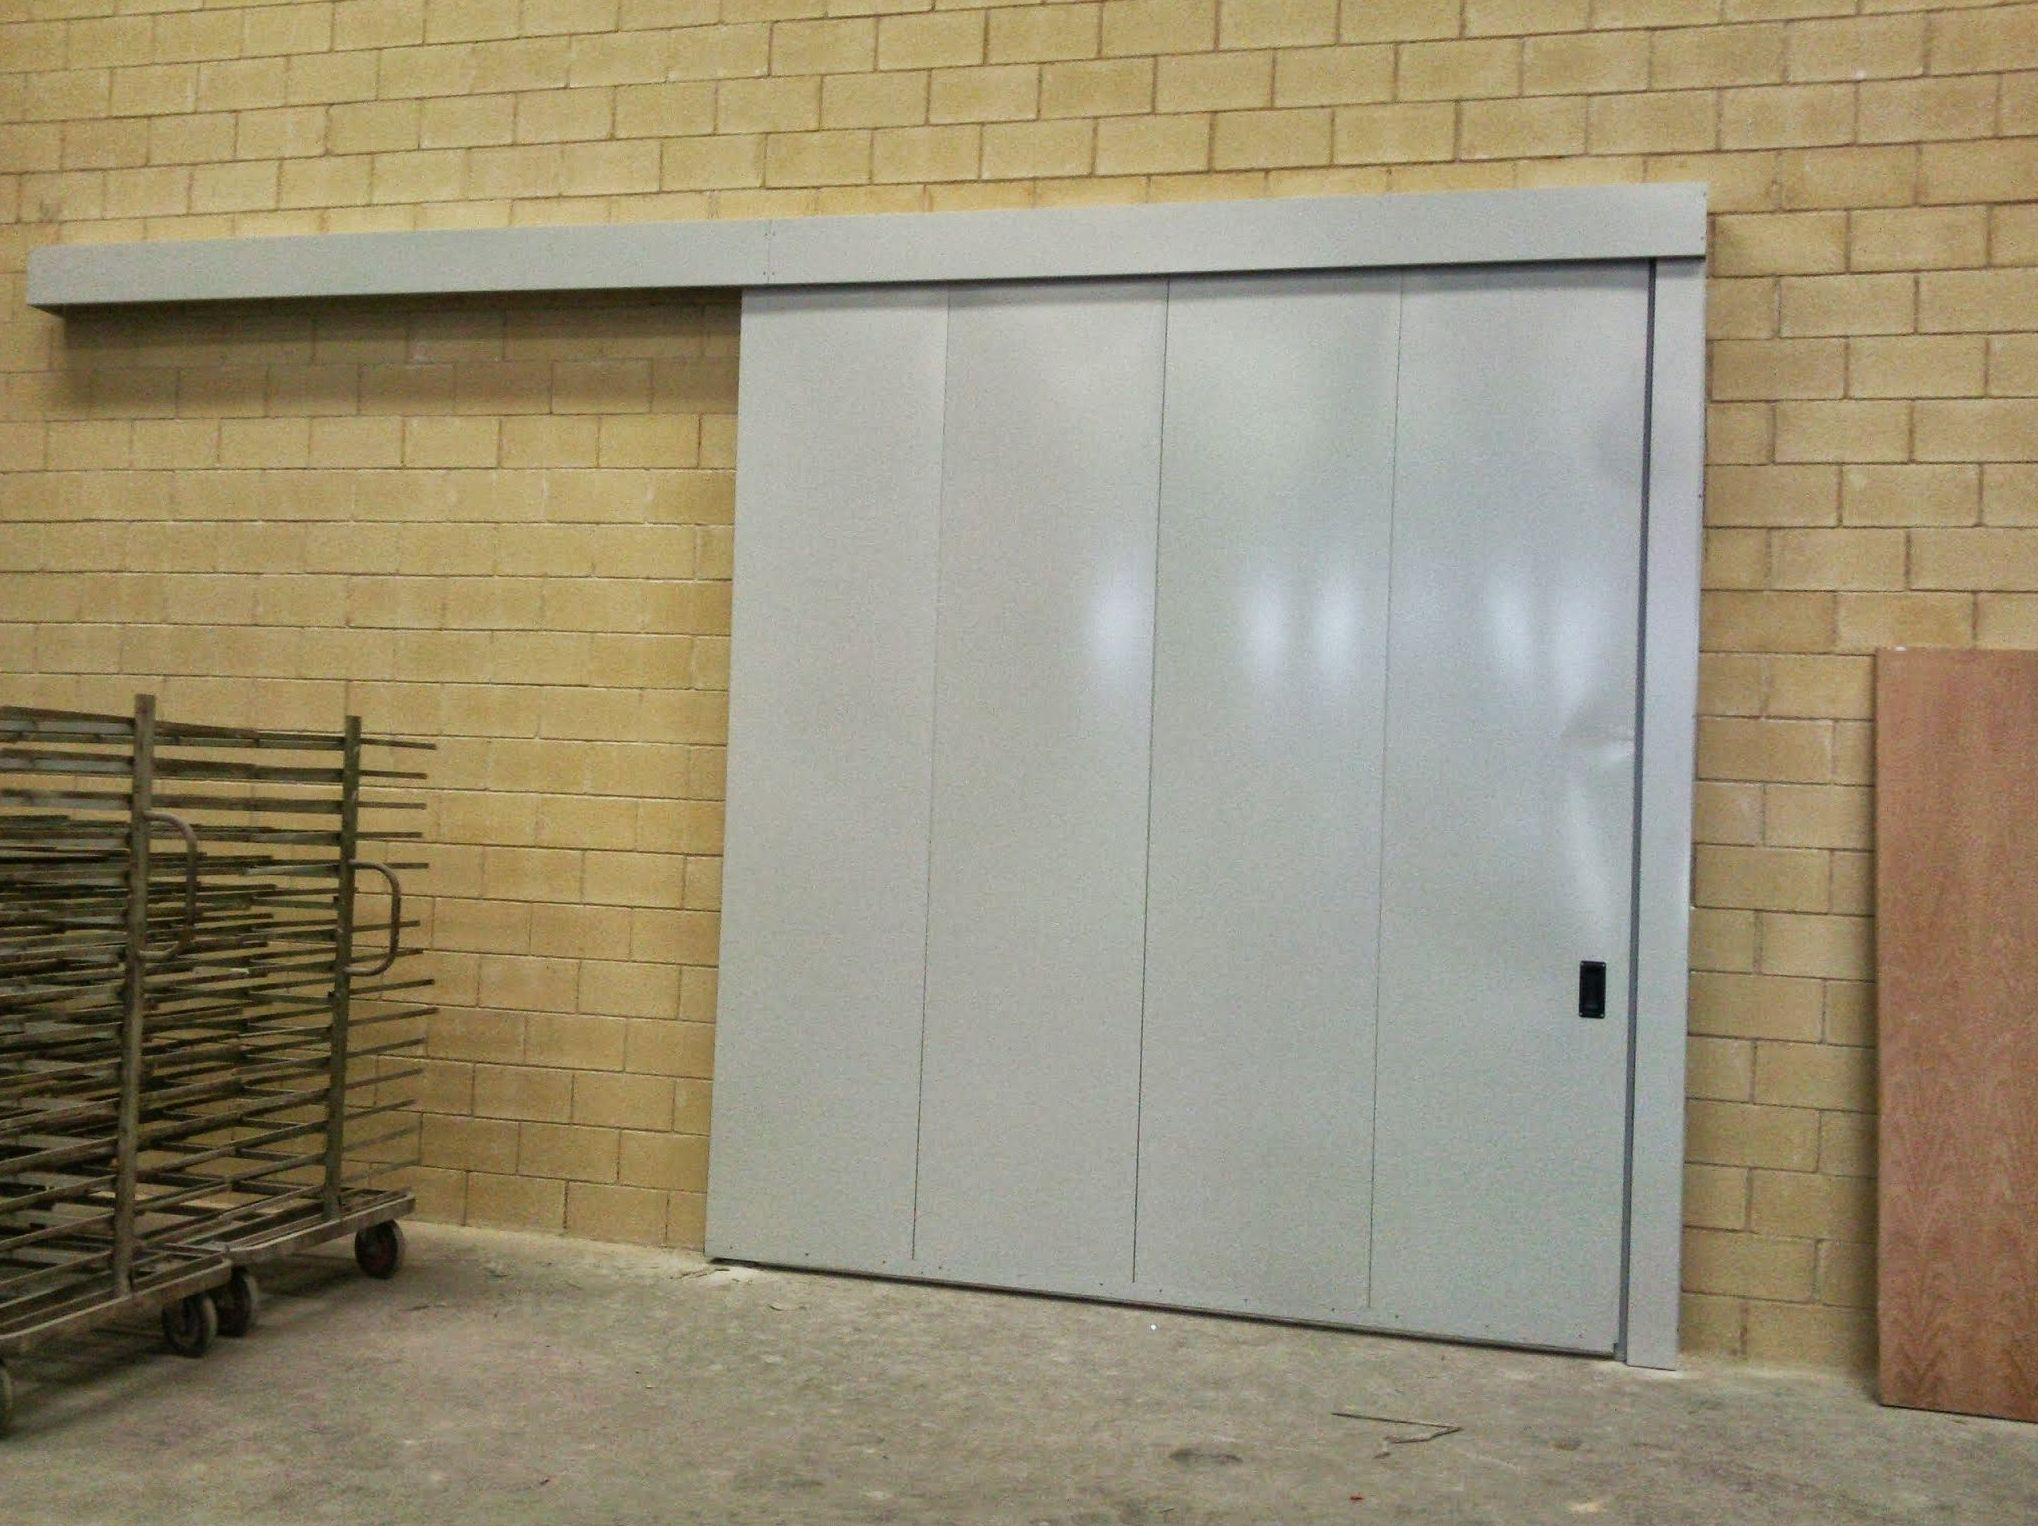 Puertas cortafuegos resistencia 60/90/120/180/240 minutos